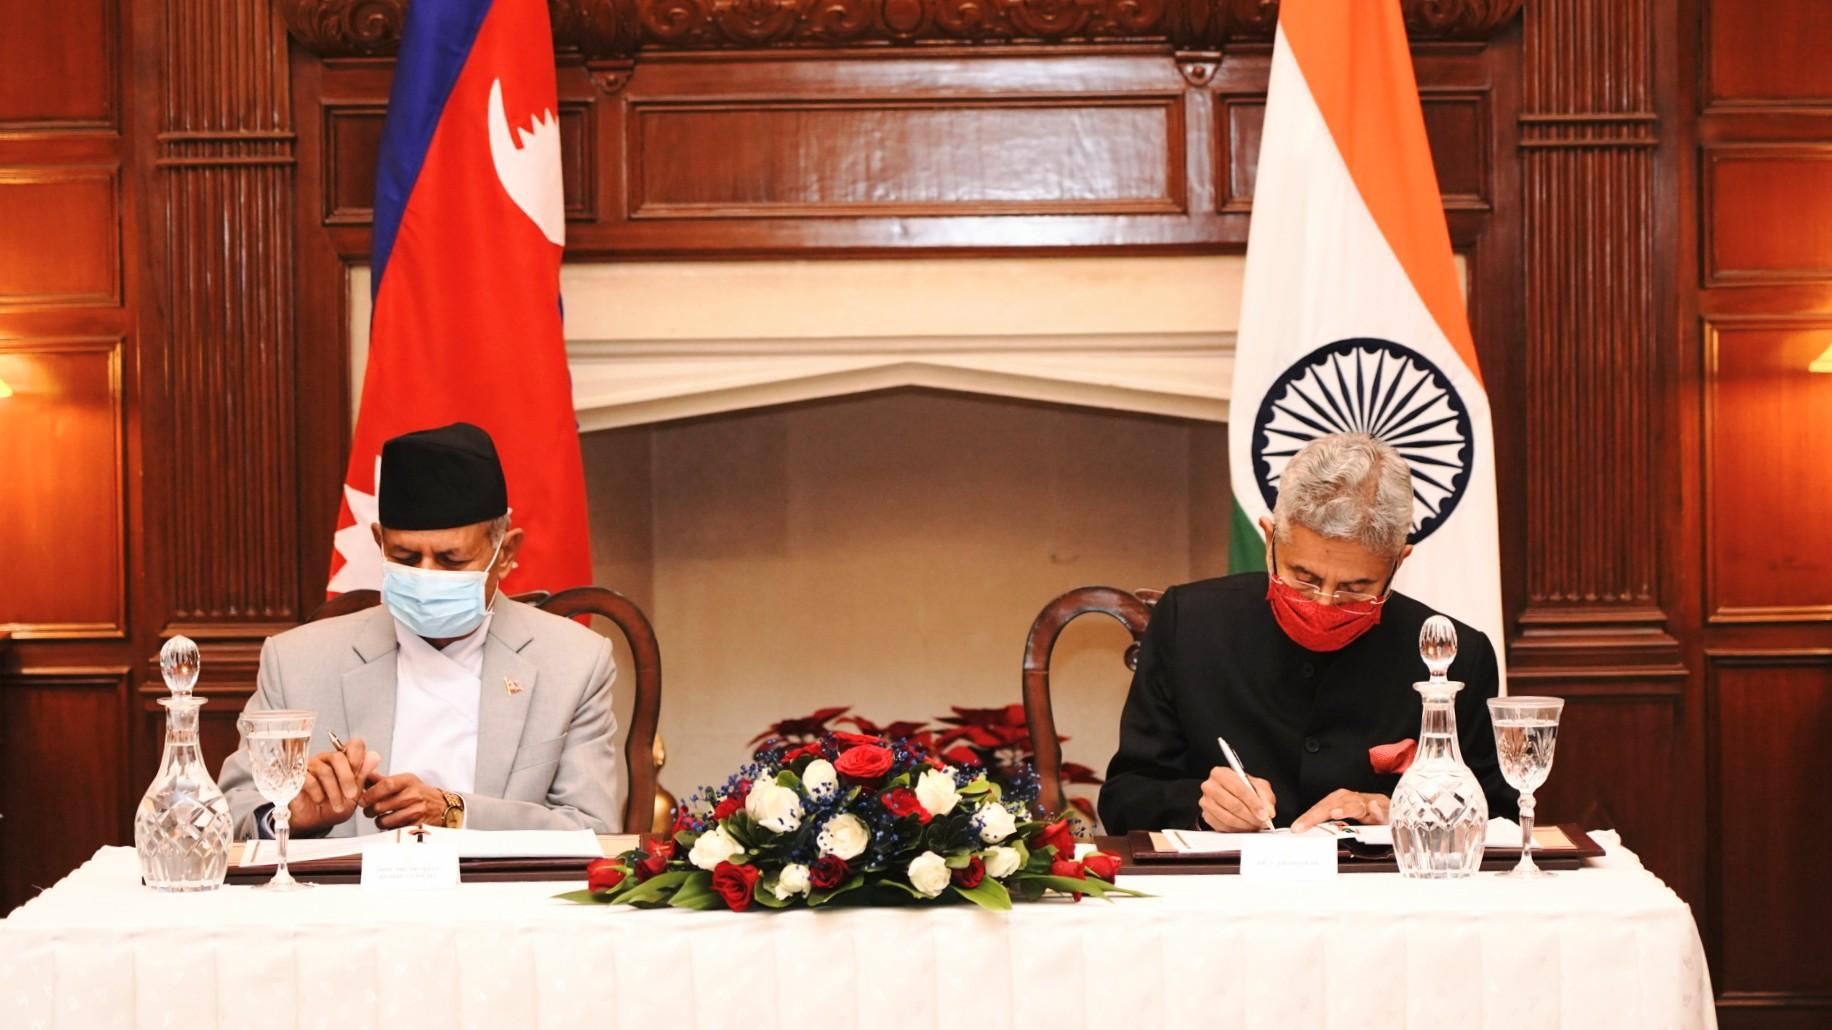 नेपाल–भारत संयुक्त आयोगको छैटौँ बैठक : के-के भए सहमति ?